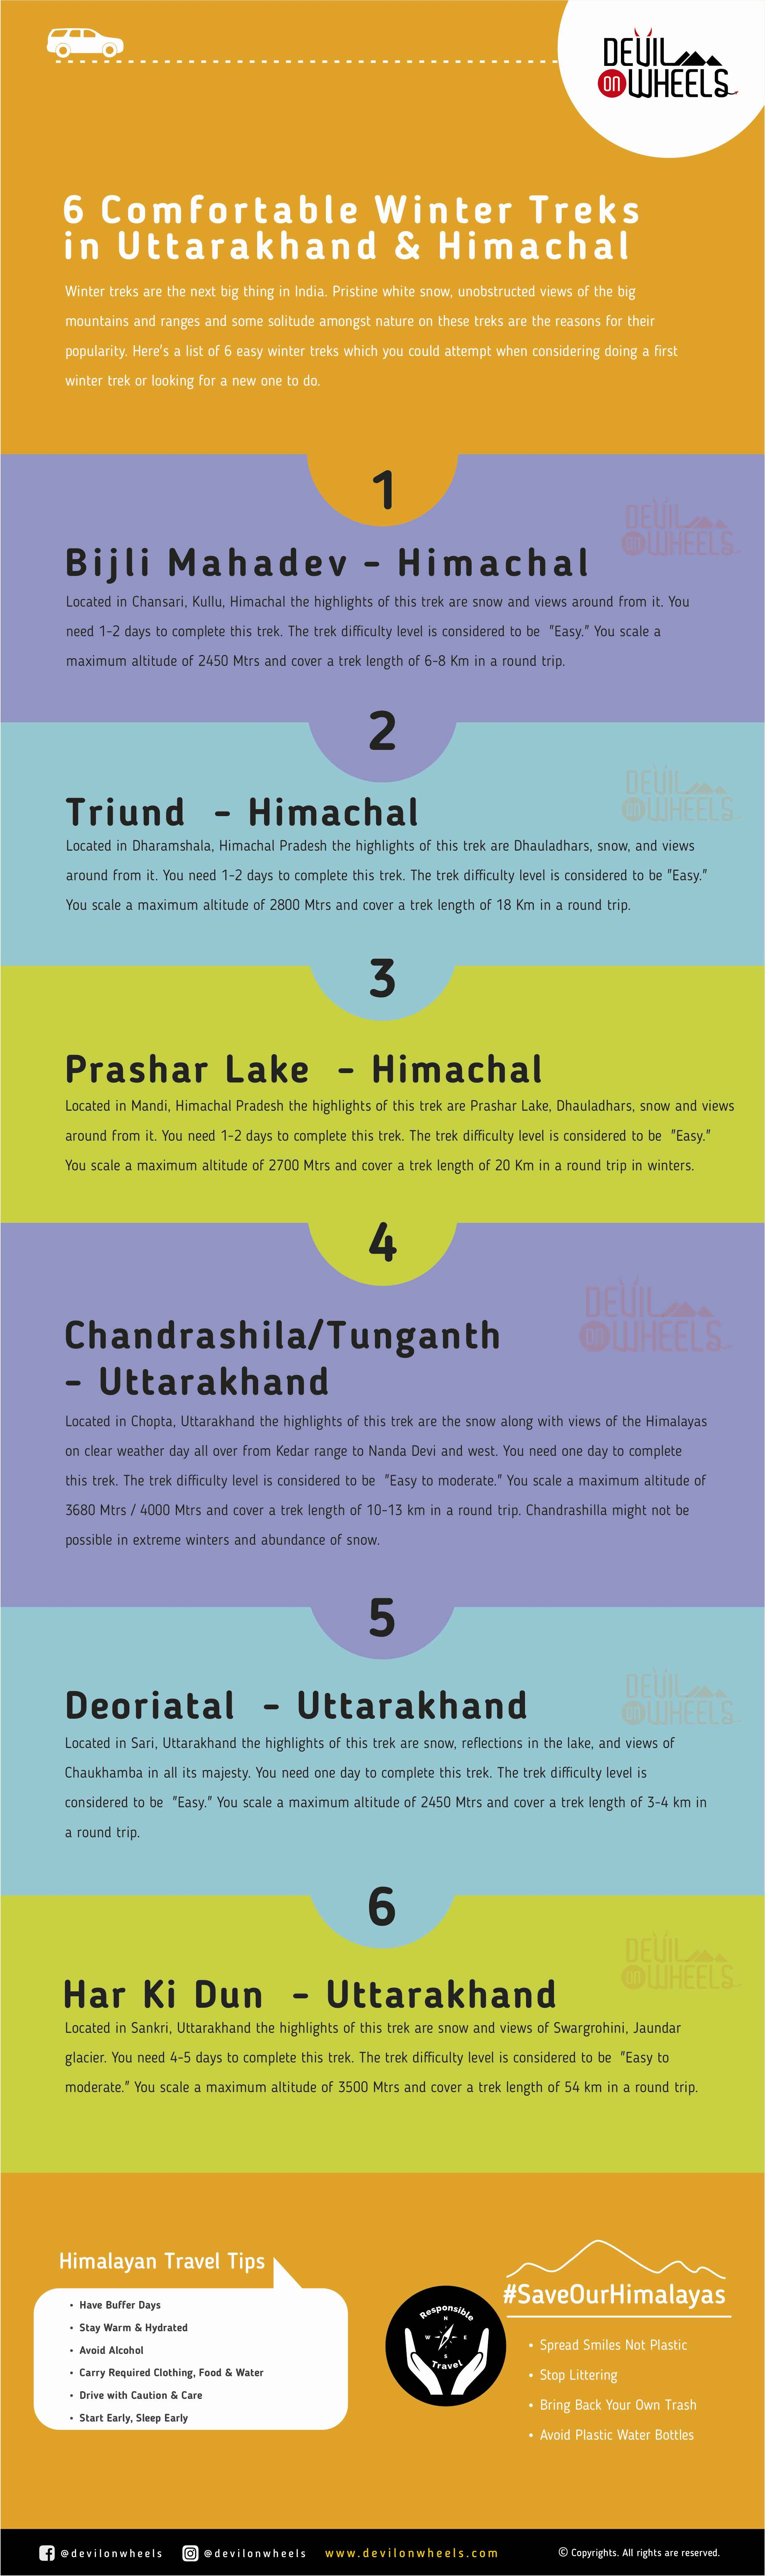 Easy Winter Treks in Uttarakhand & Himachal